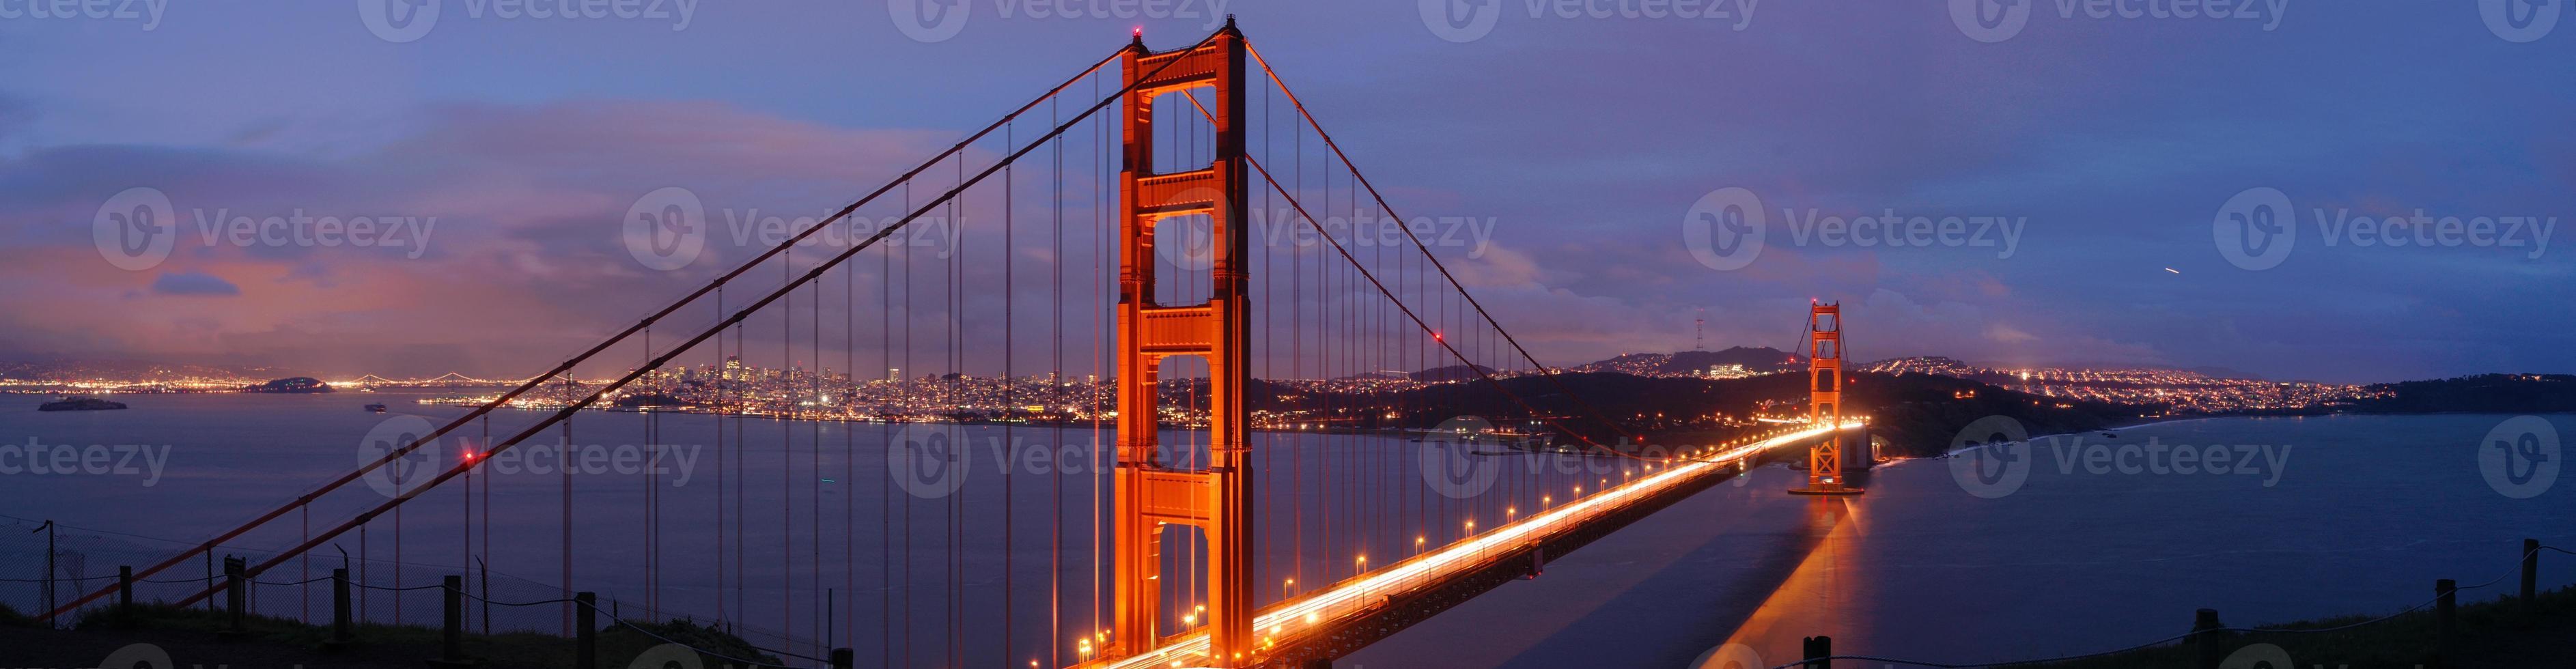 puente Golden Gate al atardecer foto